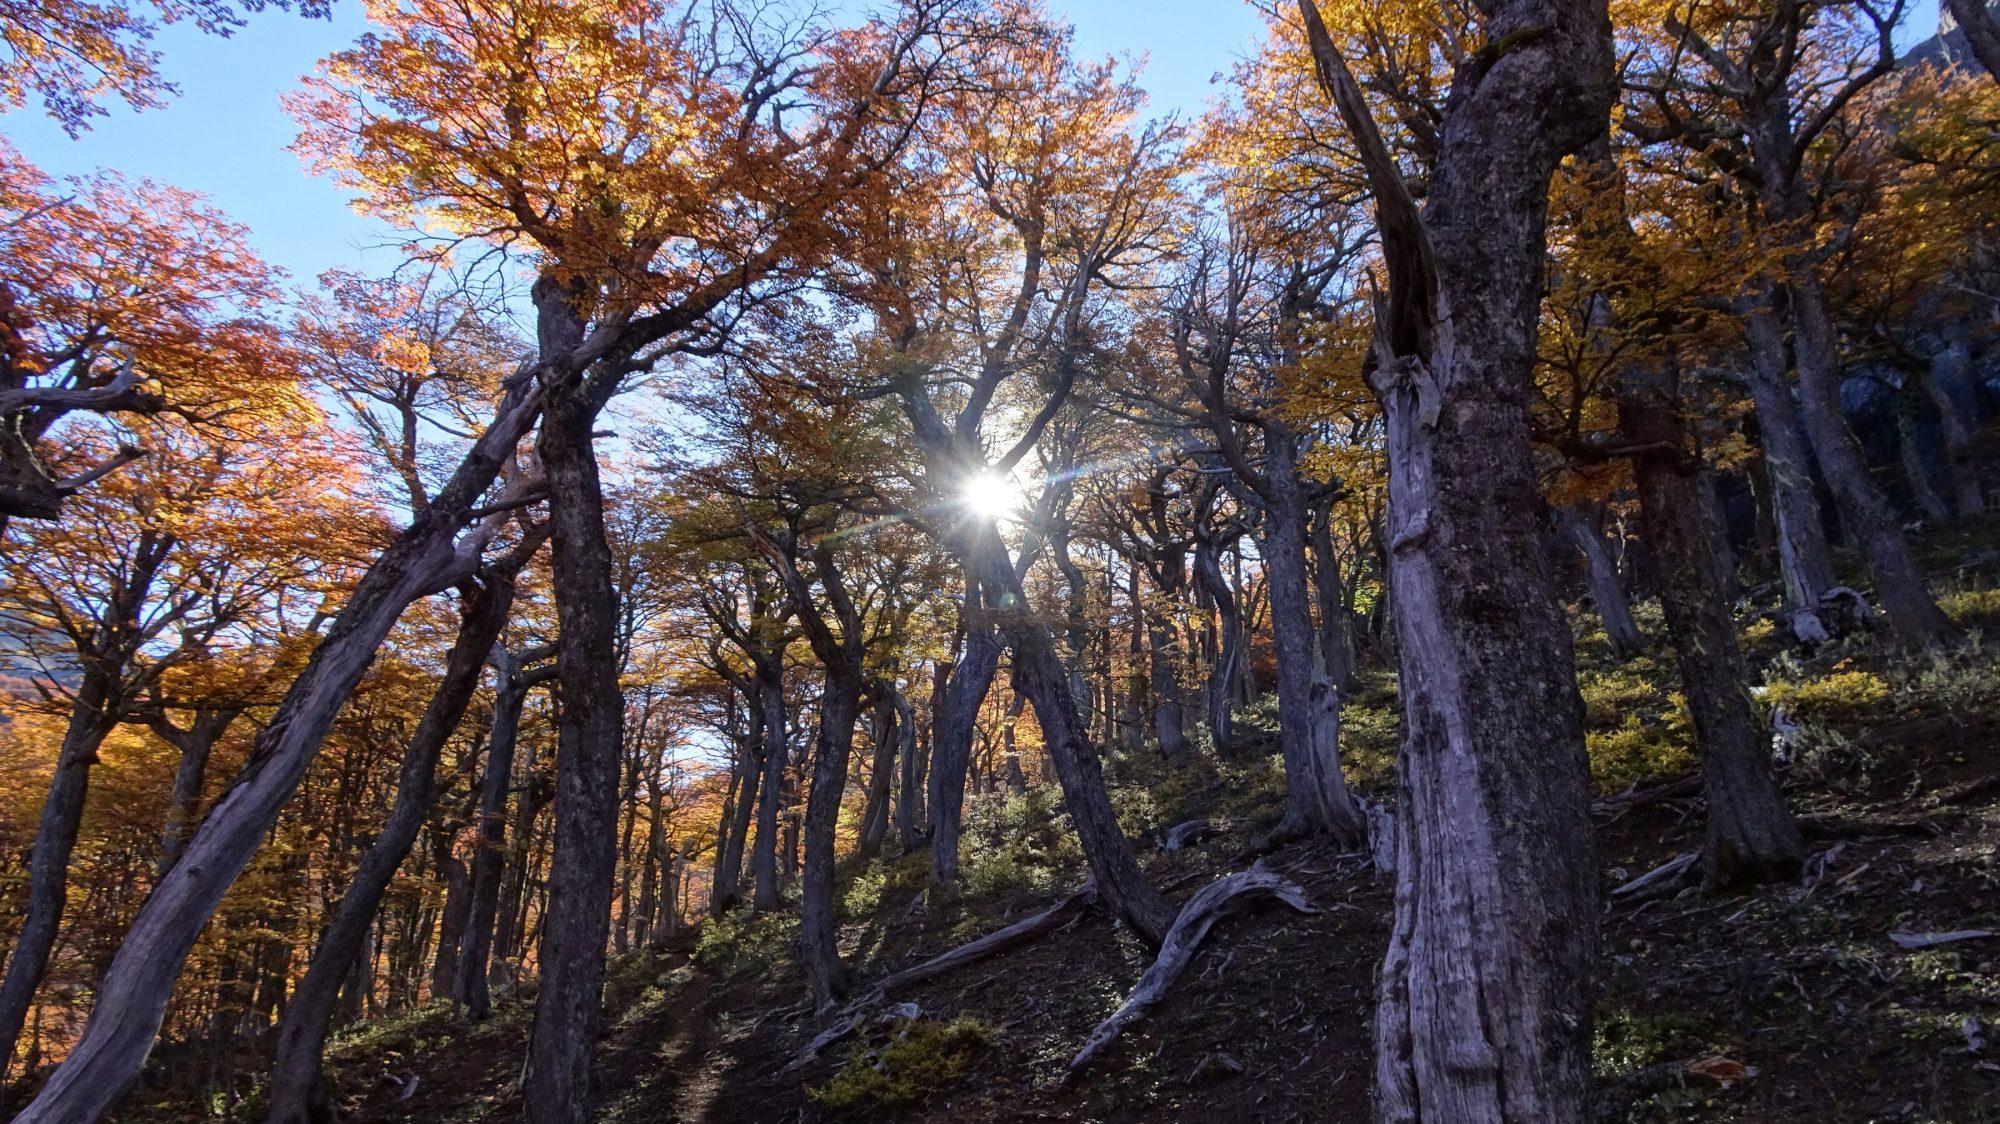 Fjella El Bolson Wanderung Patagonien Warton Dedo Gordo Encanto Blanco Wanderroute Wandern Herbstwald